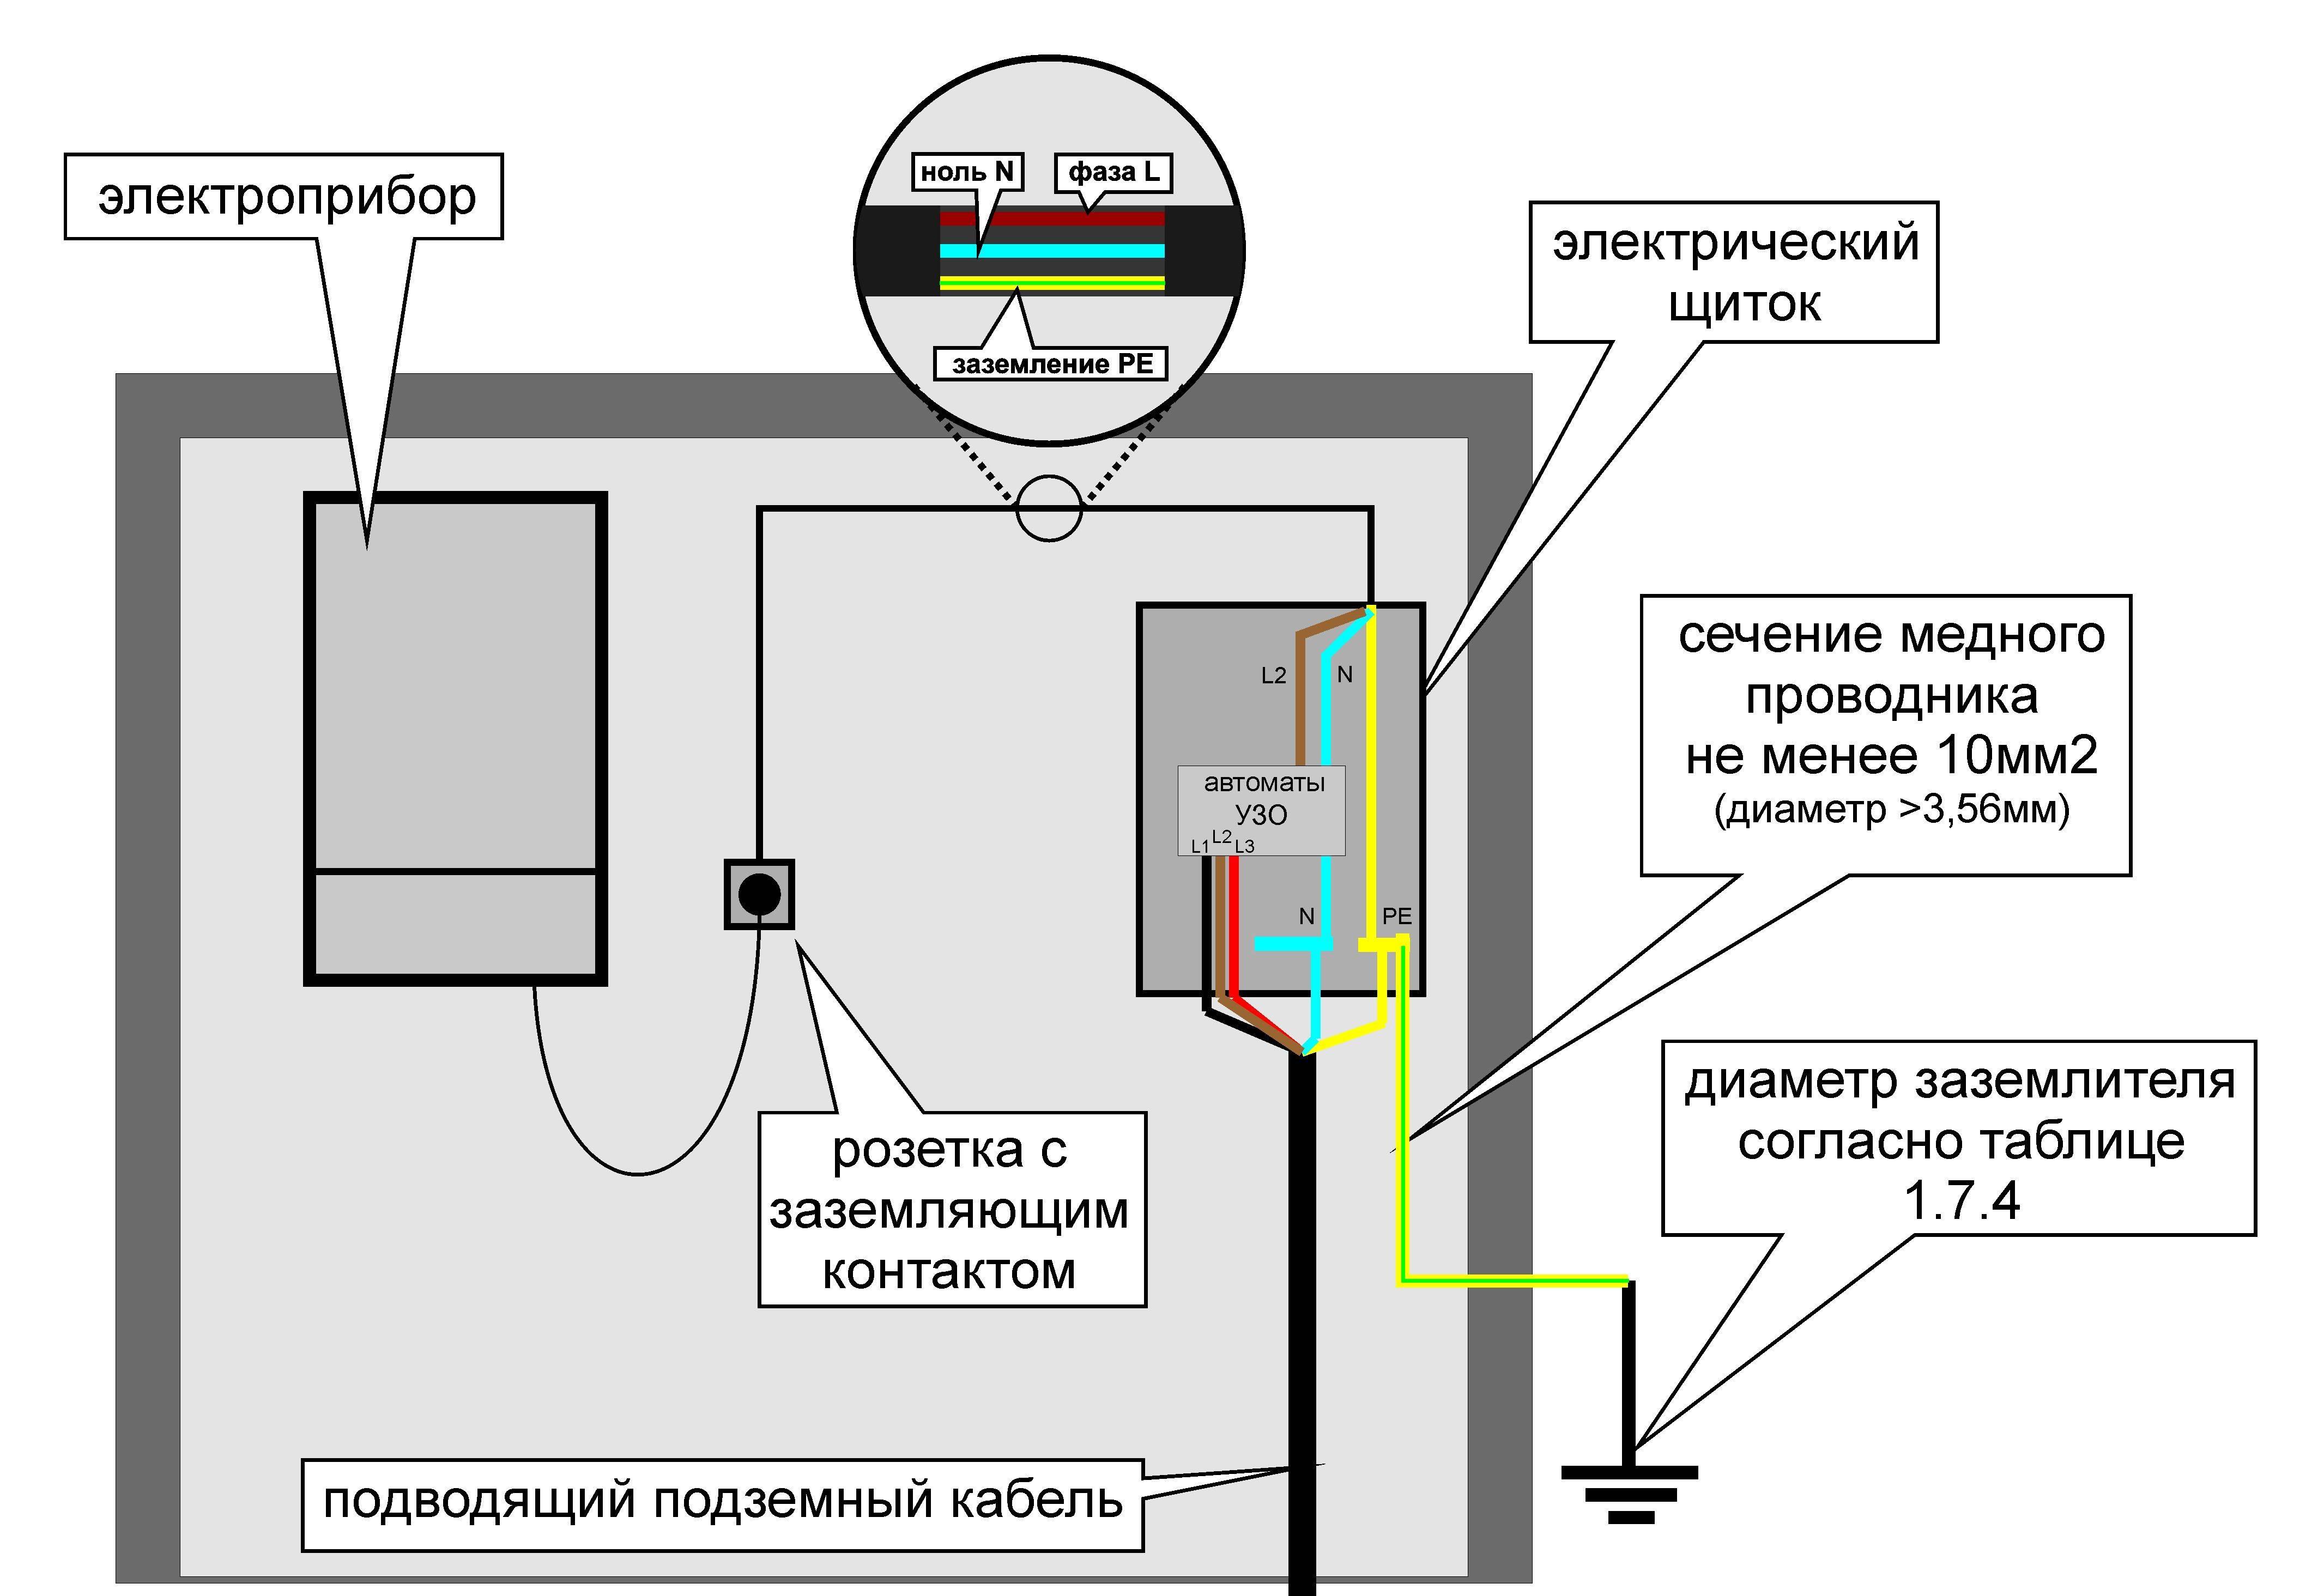 Расстояние от трубопроводов до кабелей: пуэ, каким должно быть между электрокабелями и газопроводами, норма в лотке и в земле по снип